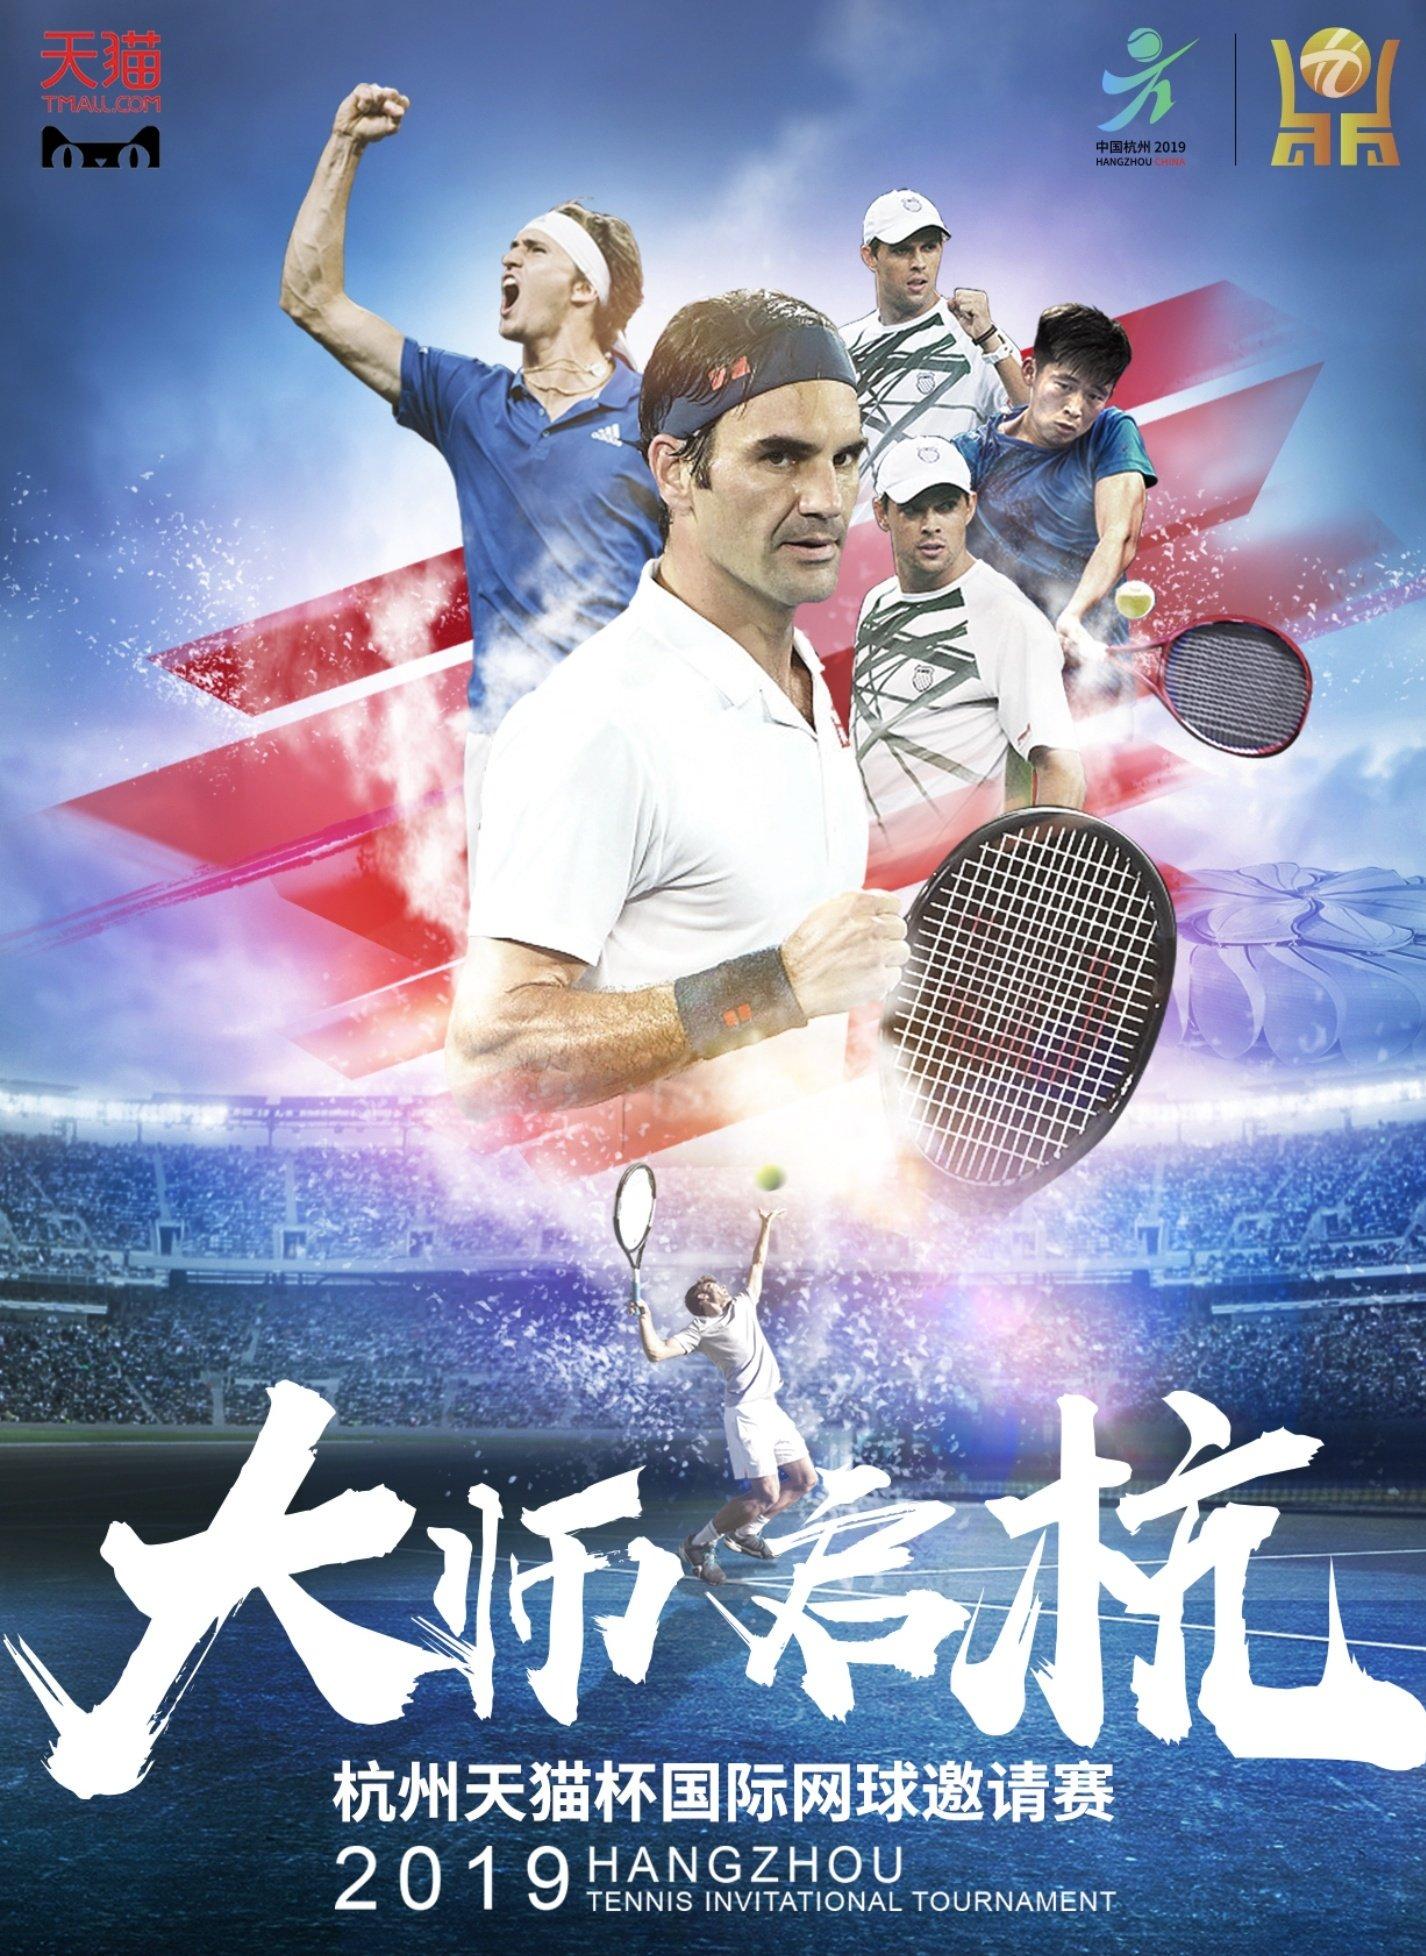 Federer Zverev Hangzhou